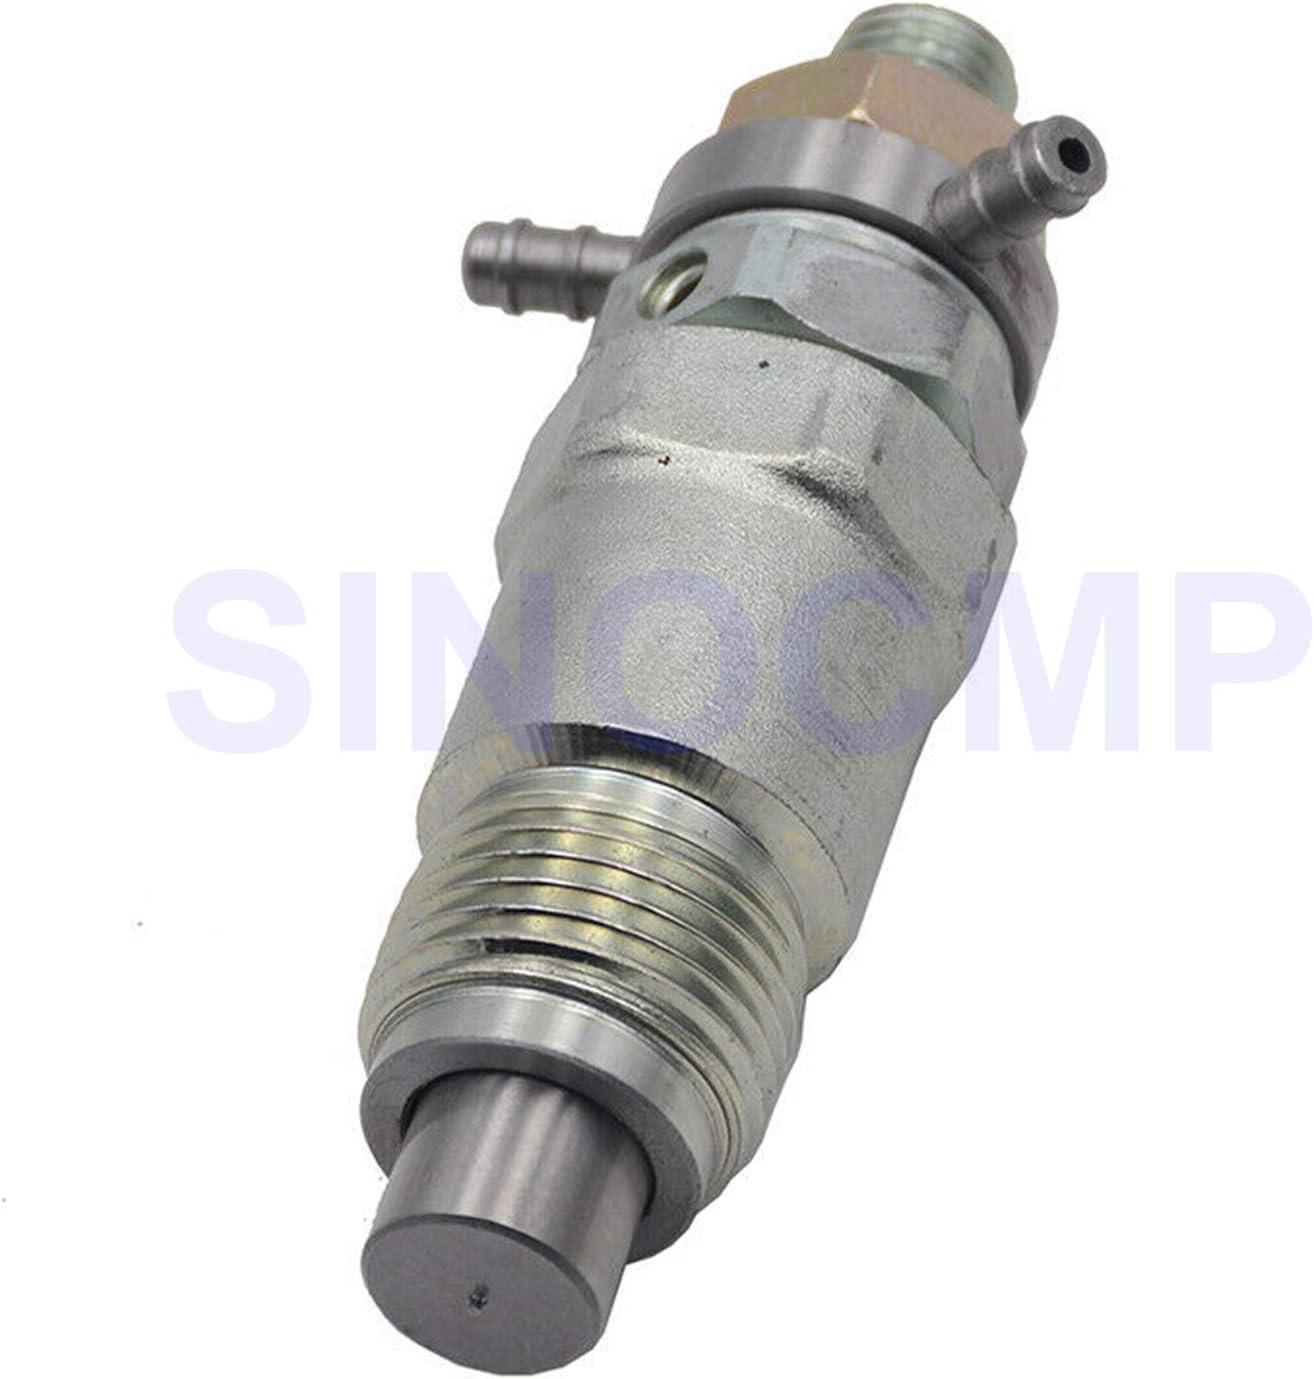 SINOCMP 4pcs 3974254 Fuel Injectors for Kubota V1702 D1402 V1902 Engine Bobcat 743 643 645 225 231 3 Month Warranty